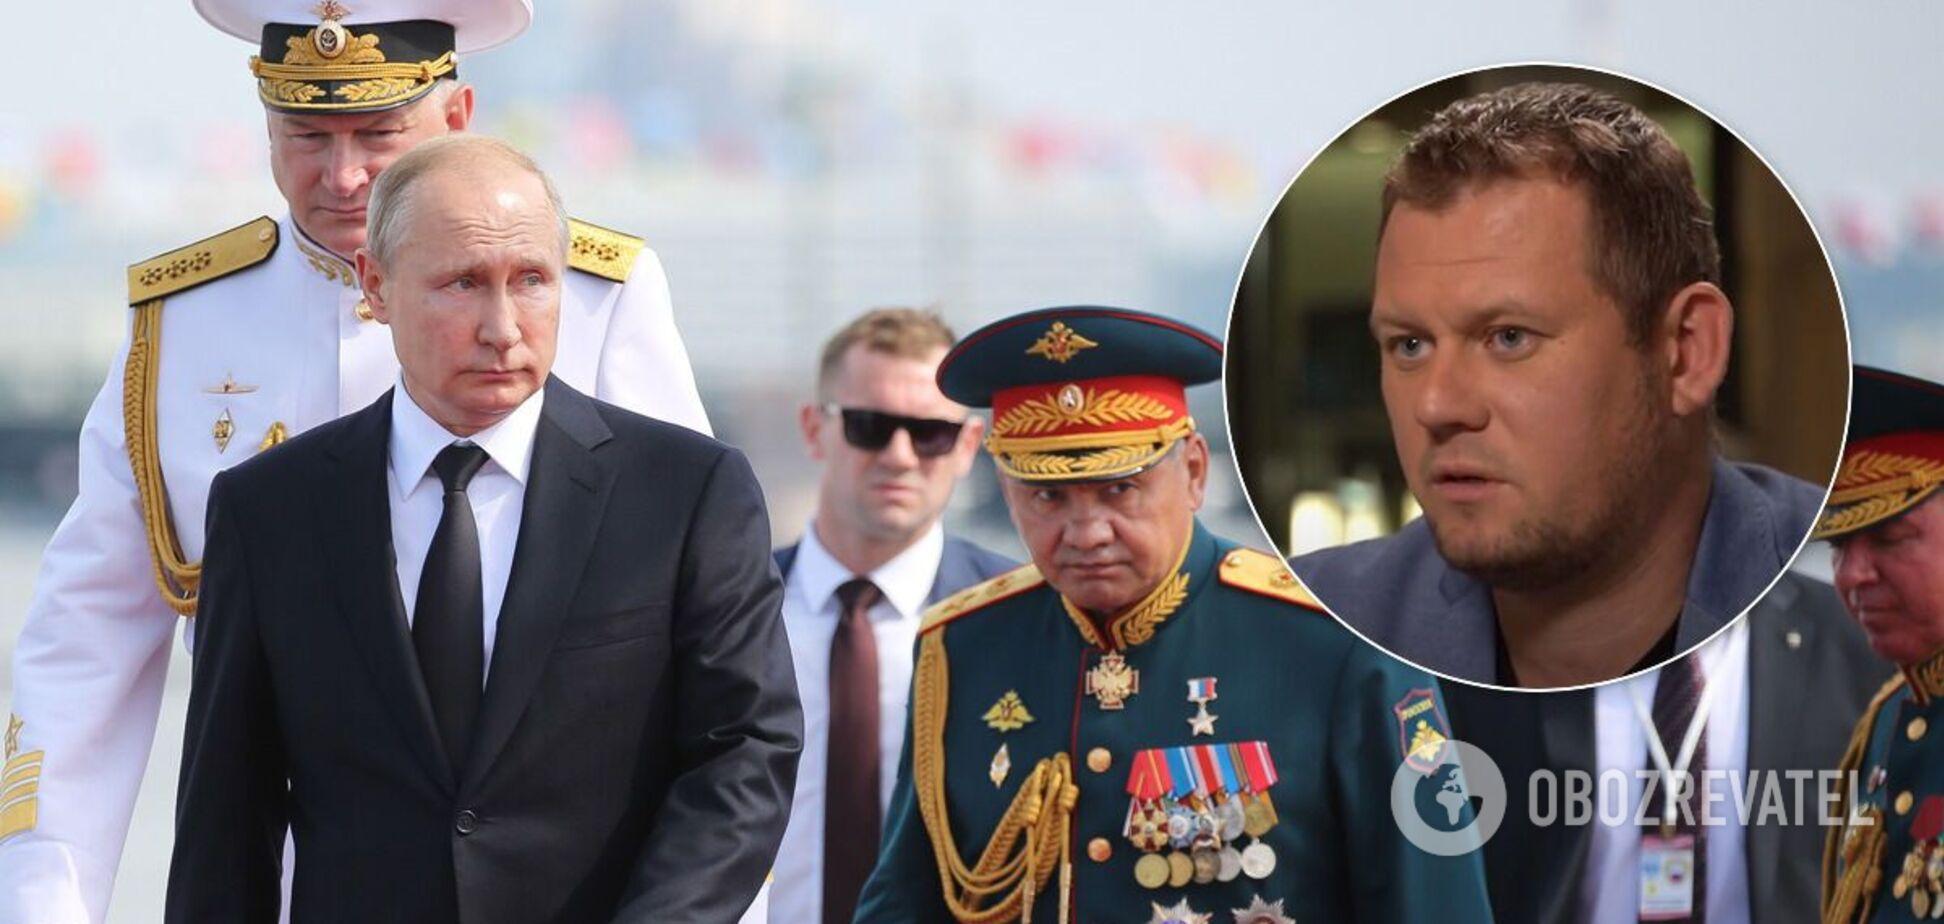 Казанский указал на 'окно возможностей' для Донбасса: премьера программы OBOZREVATEL